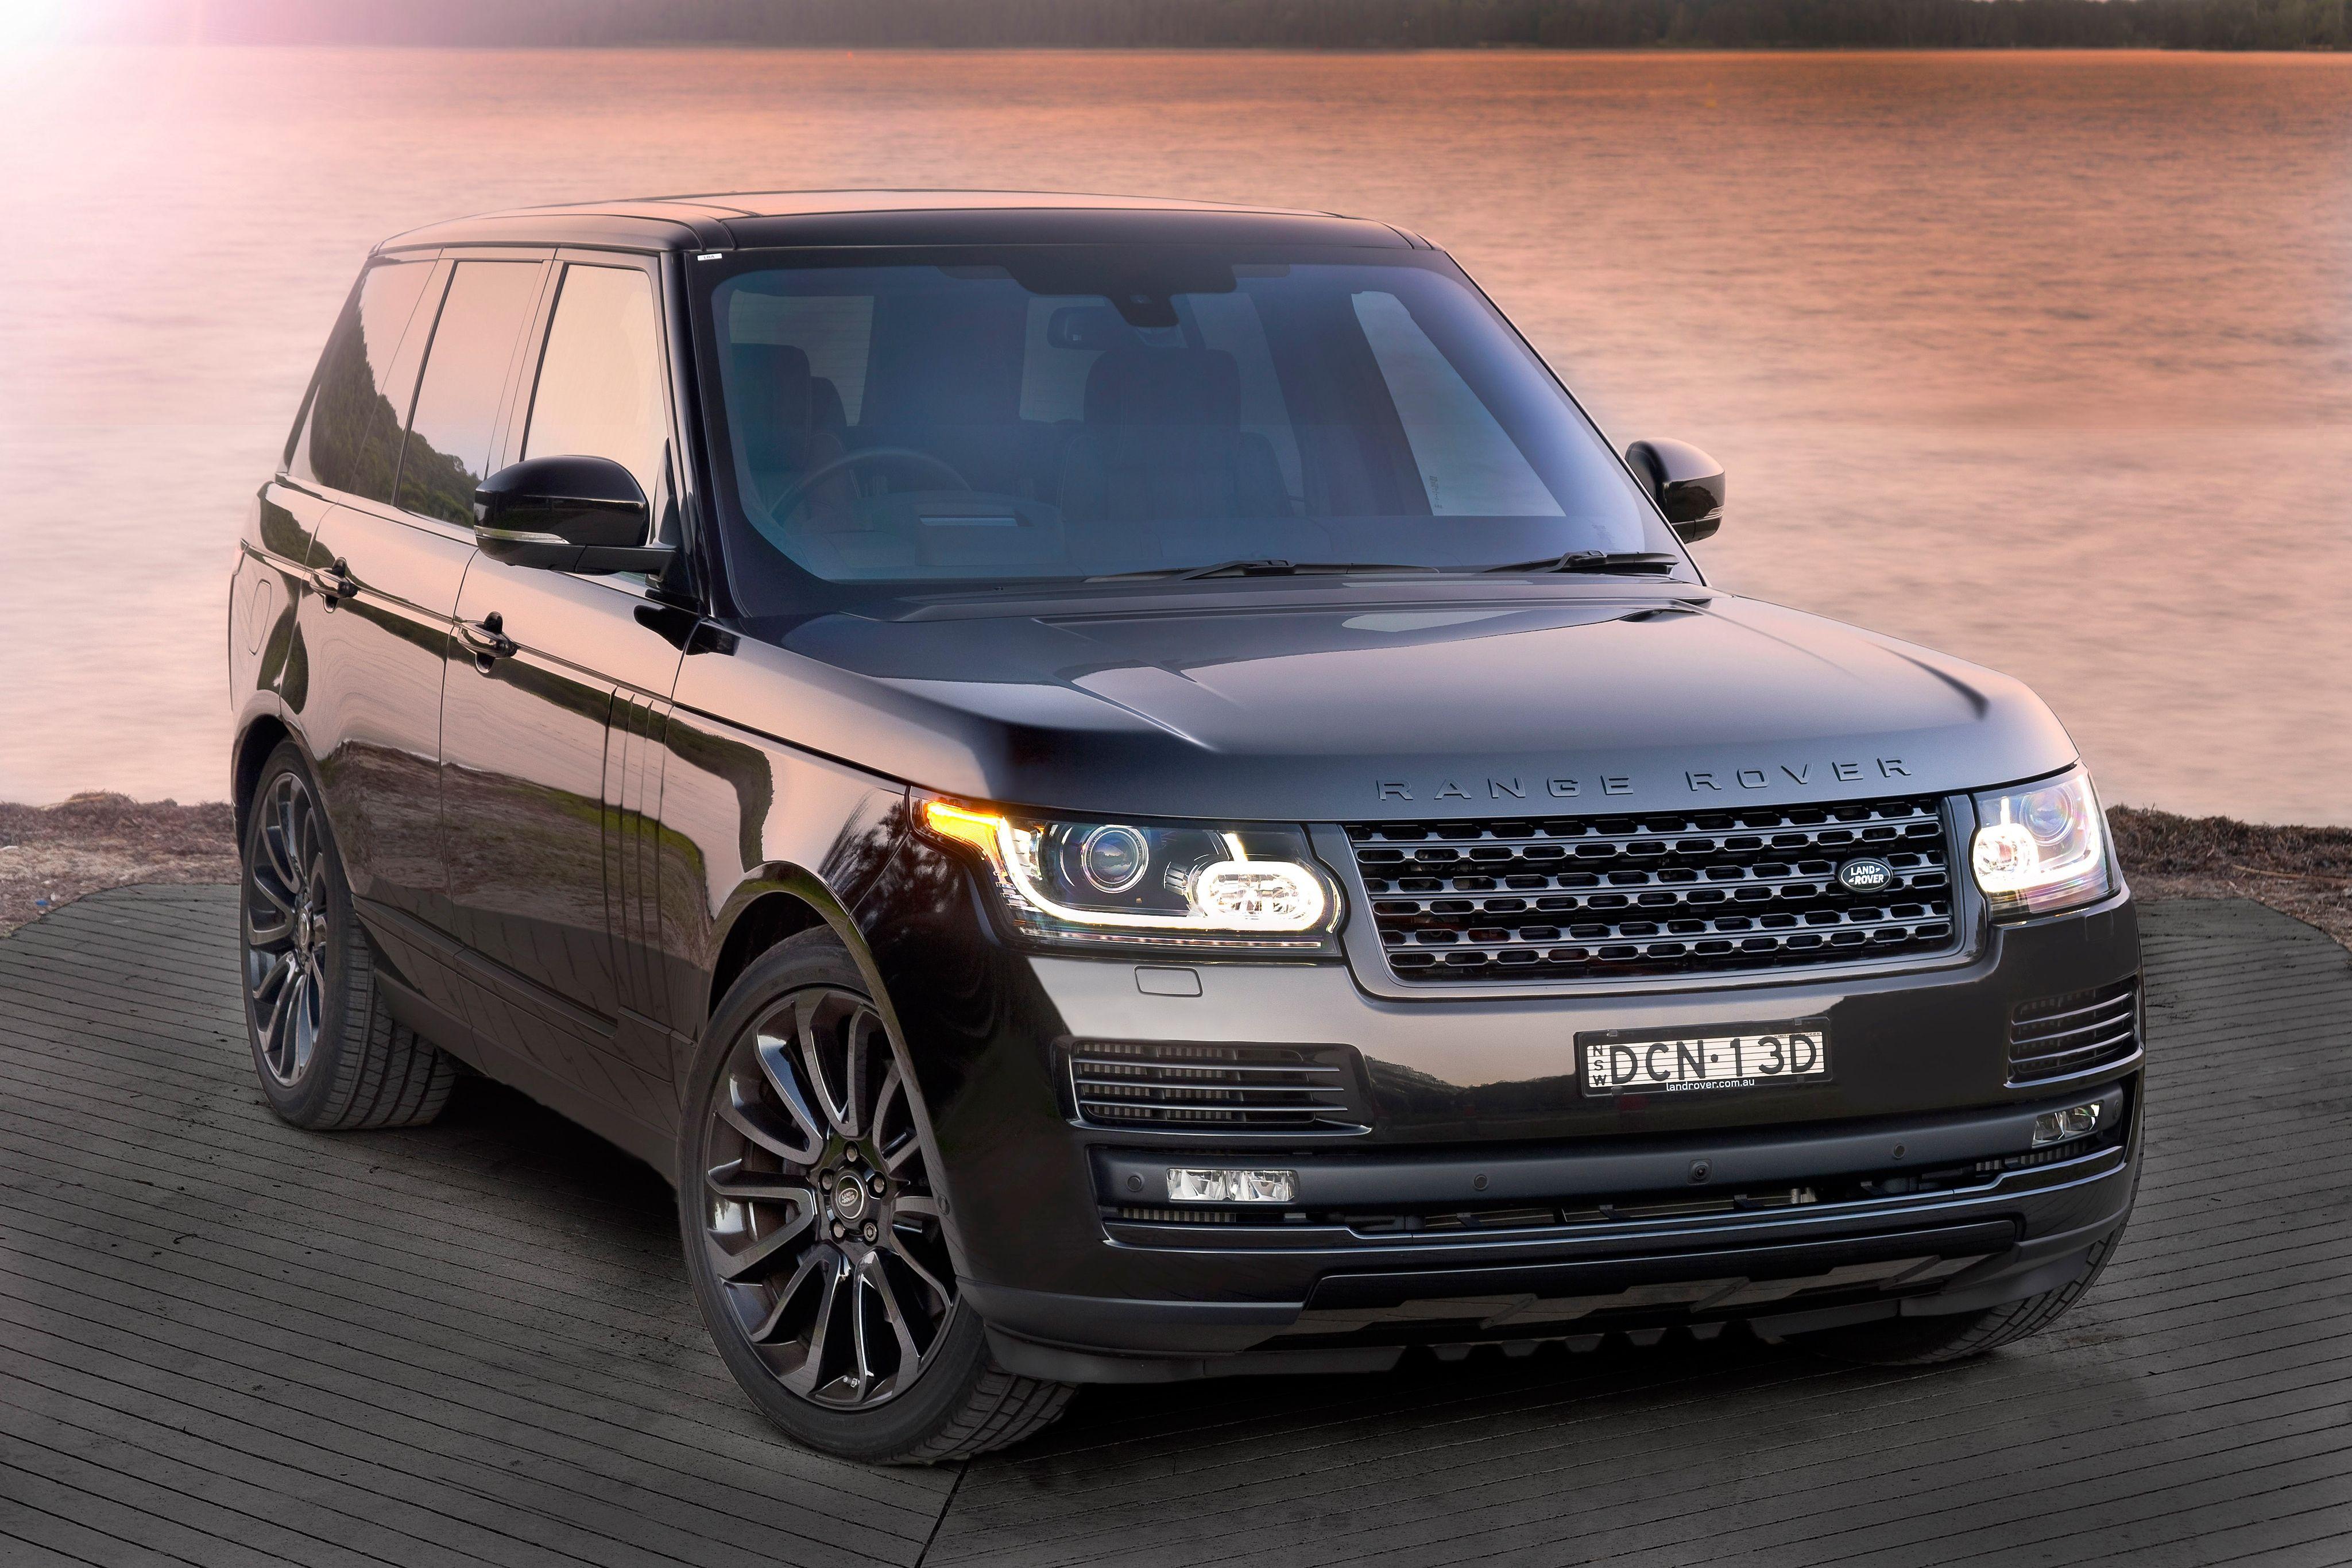 Range Rover Vogue 2018 года рестайлинг премиального